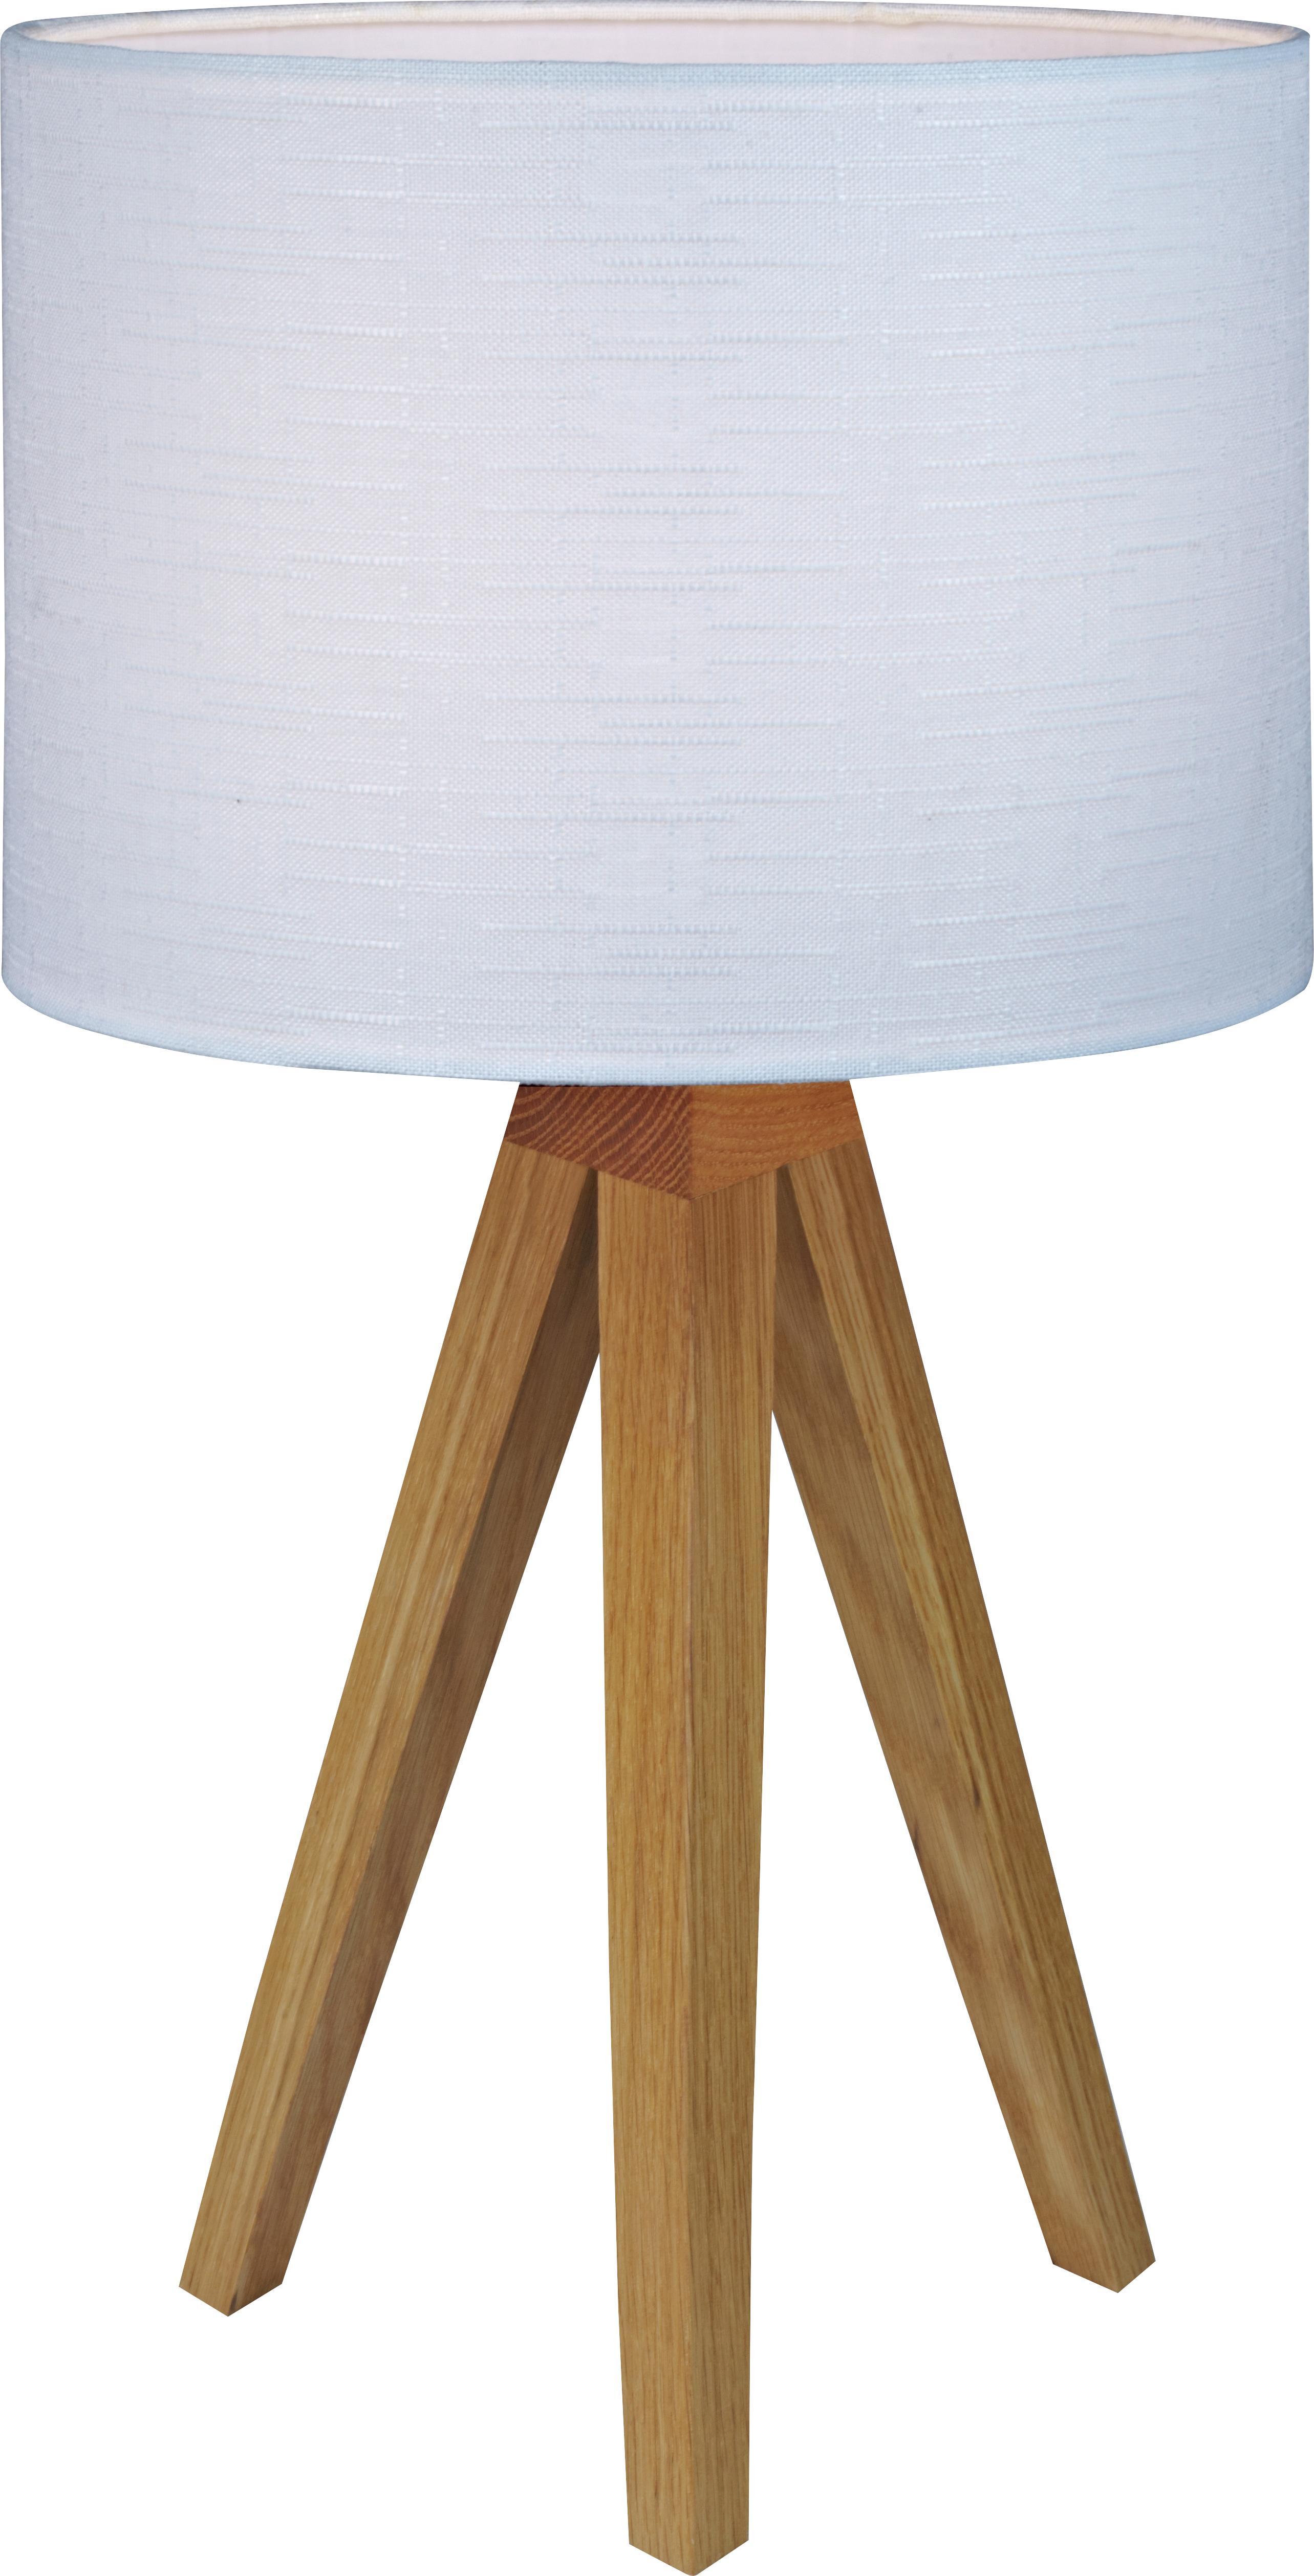 Tischleuchte Kullen aus Eichenholz, Lampenfuß: Eichenholz, Lampenschirm: Polyester, Lampenfuß: Eichenholz Lampenschirm: Weiß, Ø 23 x H 44 cm